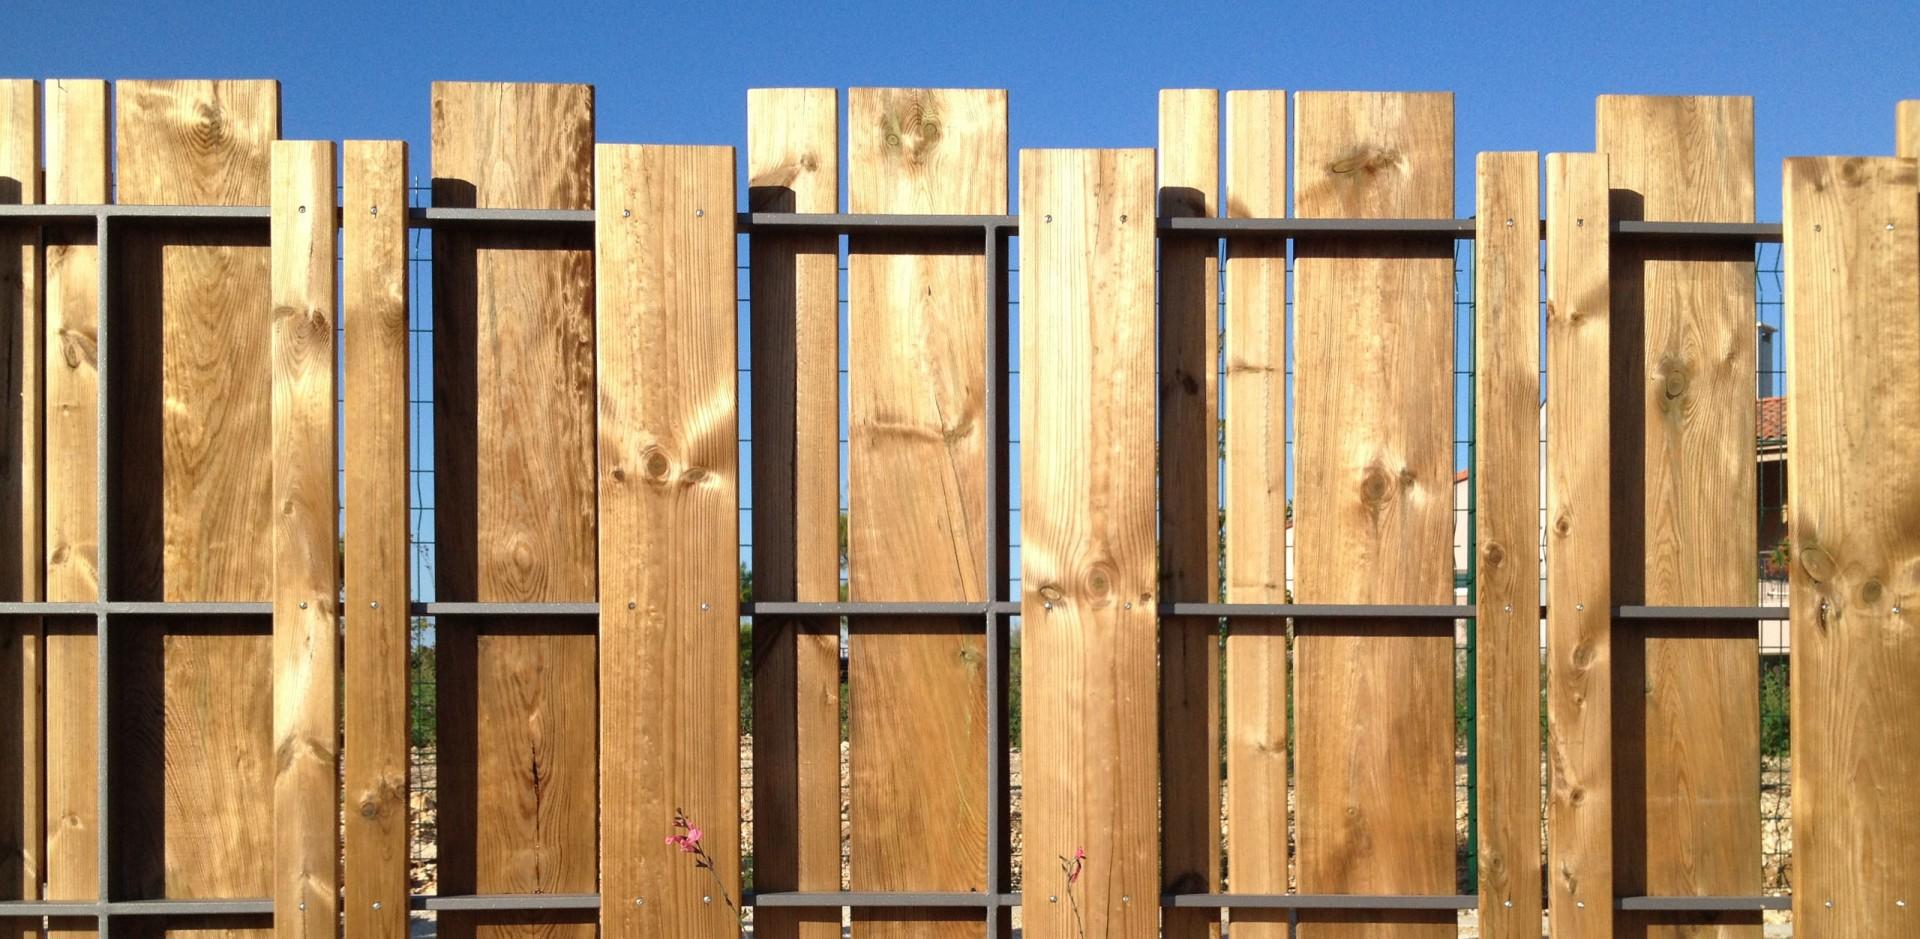 200907especoleetpaulfonts5_0001_2012-10-12 16.59.14